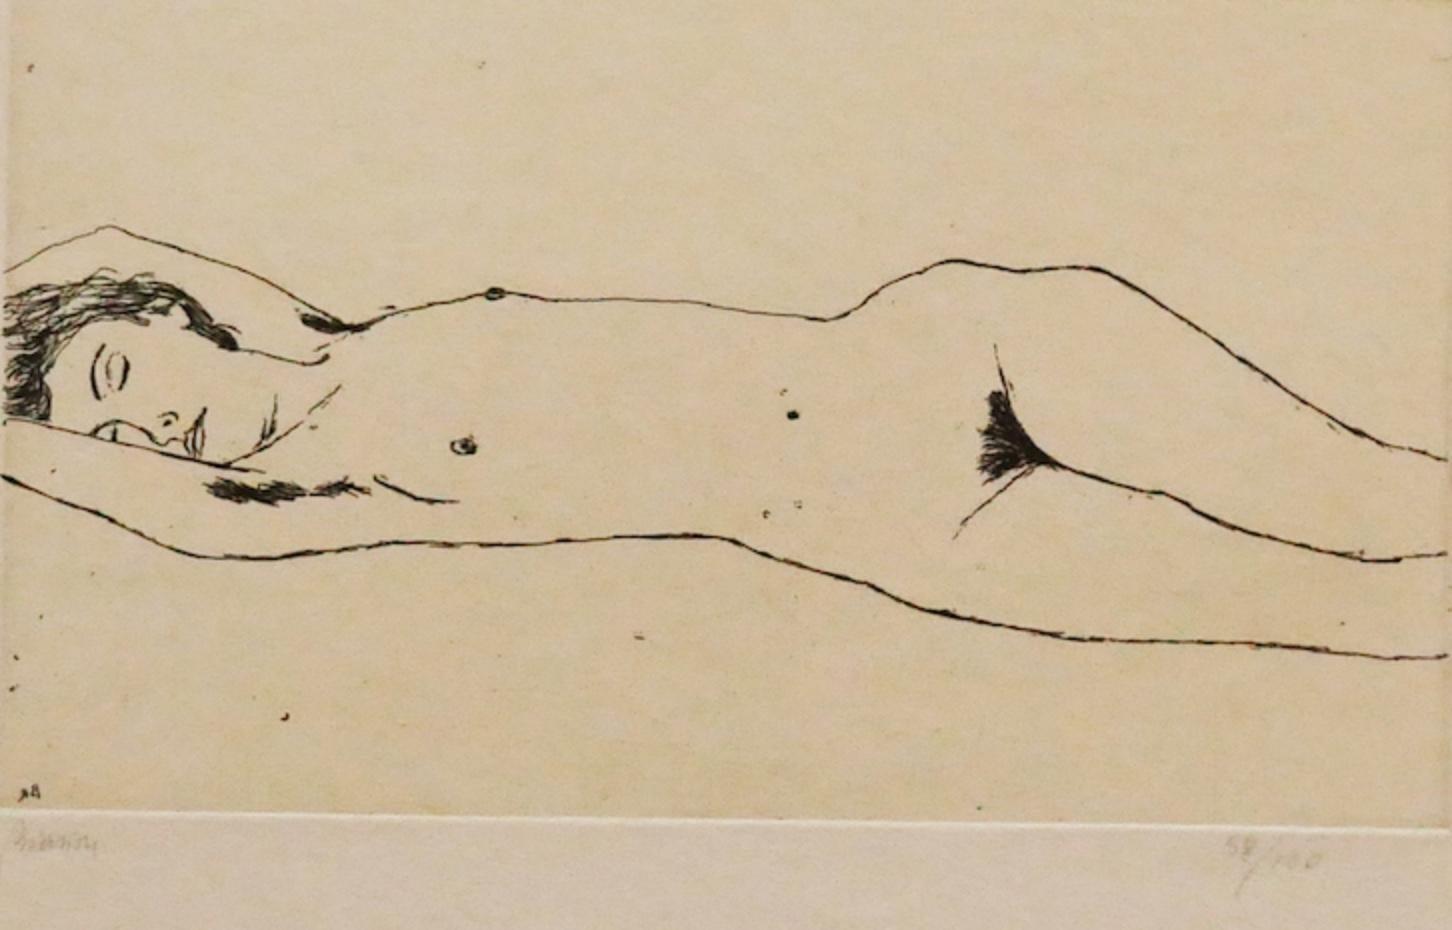 Nude - Original Etching by Renzo Biasion - 1972